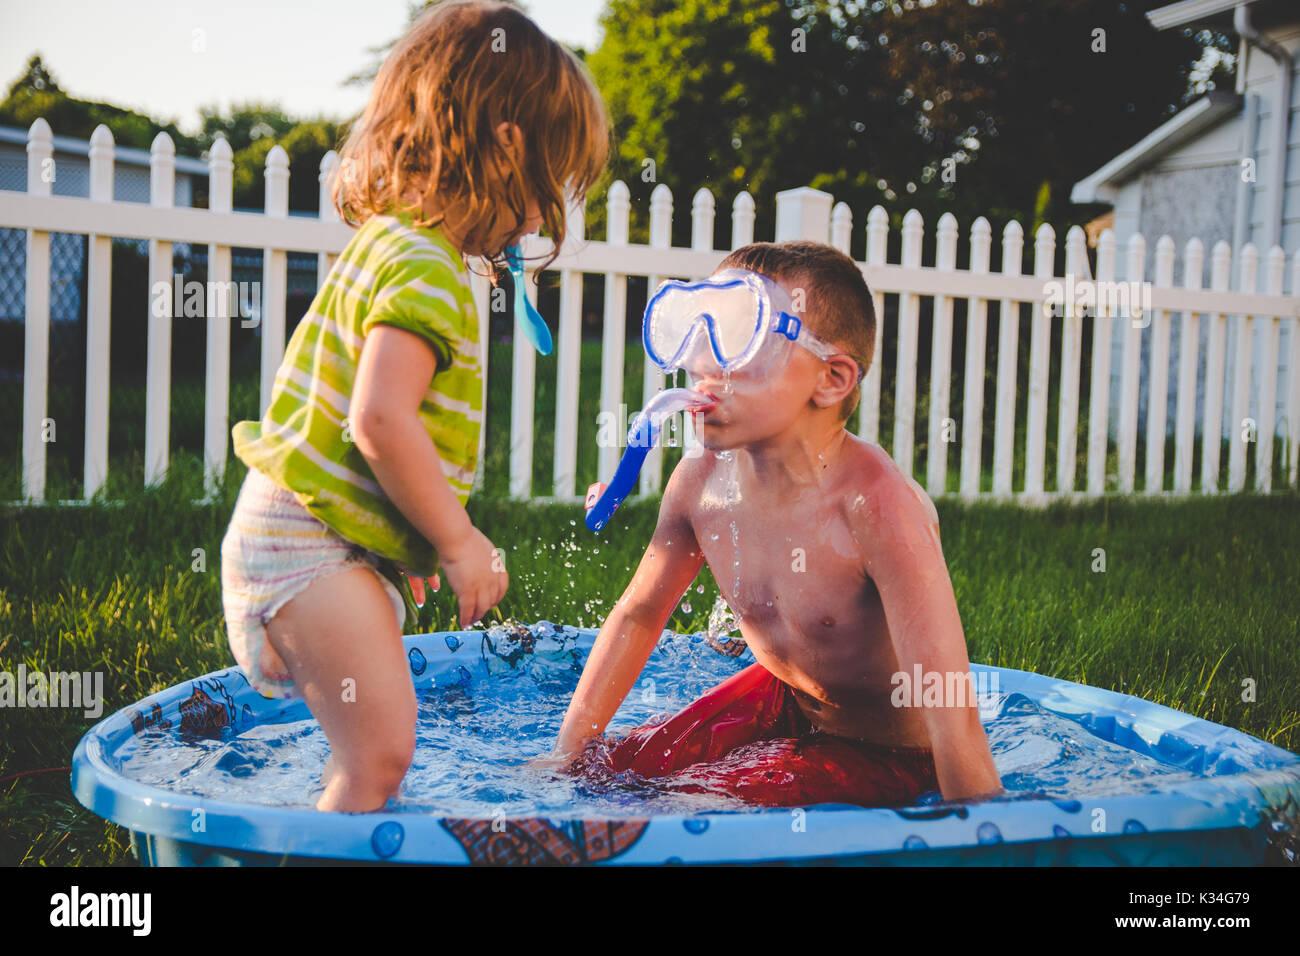 Un ragazzo che indossa un scuba mask guarda una bambina in una piscina per bambini Immagini Stock